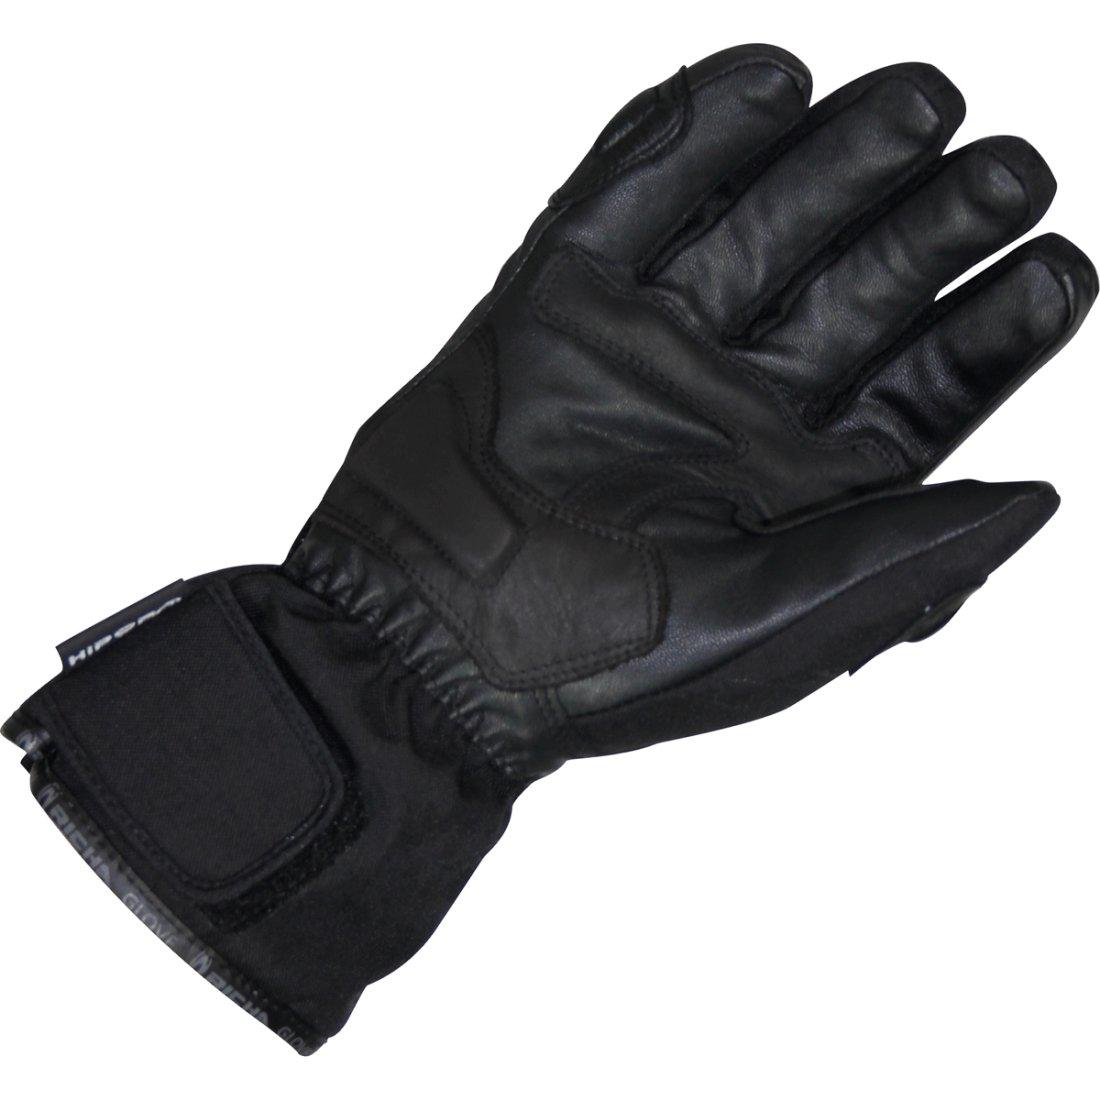 gants richa pro 03 black motocard. Black Bedroom Furniture Sets. Home Design Ideas